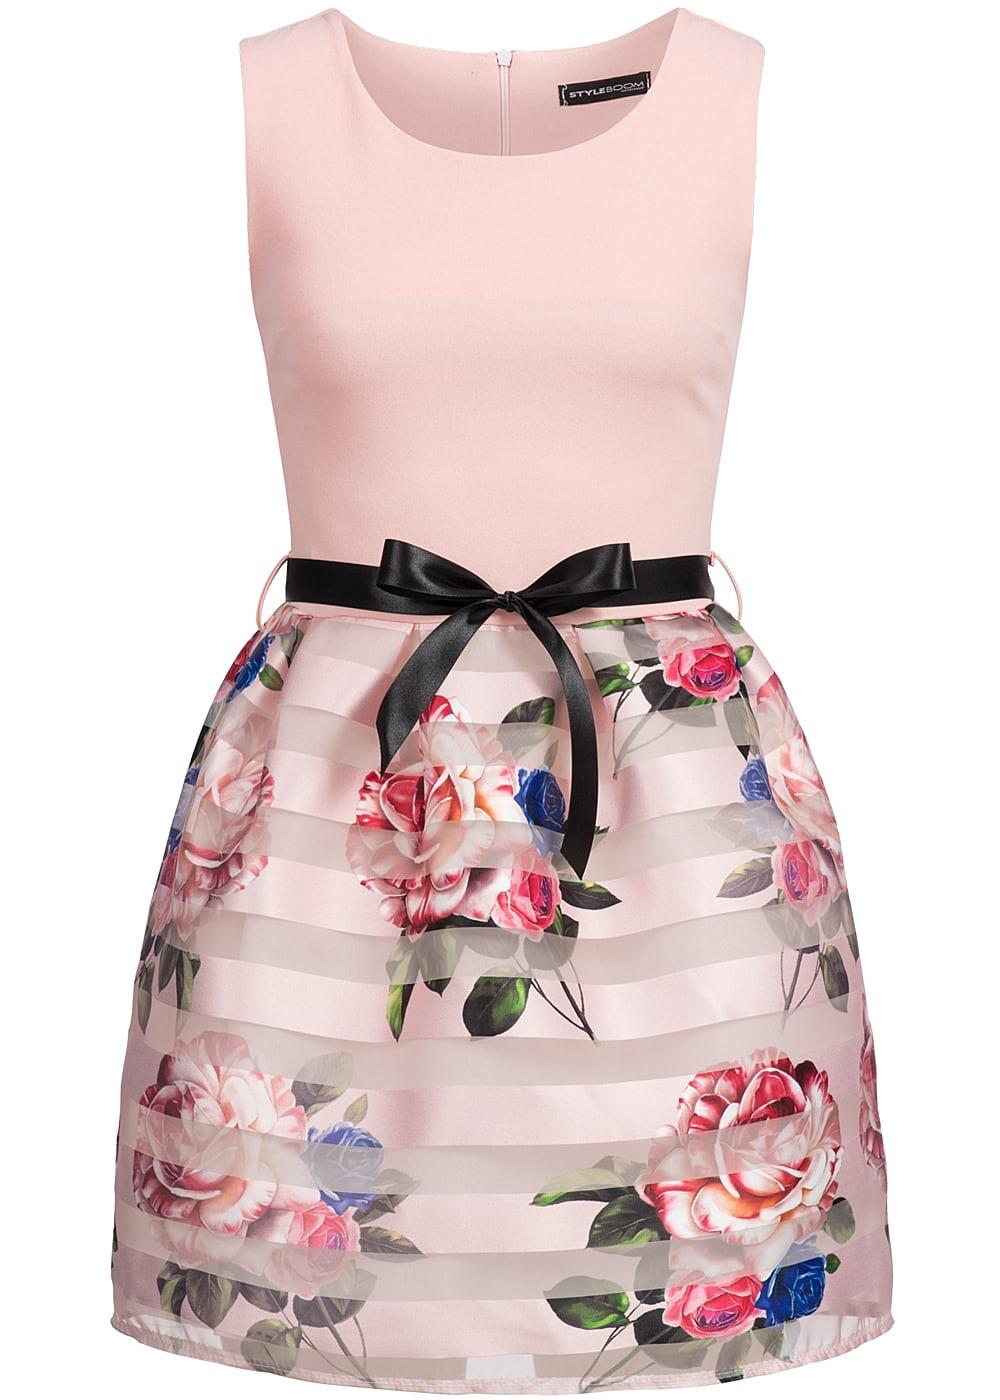 styleboom fashion damen mini kleid blumen streifen muster bindeband rosa 77onlineshop. Black Bedroom Furniture Sets. Home Design Ideas